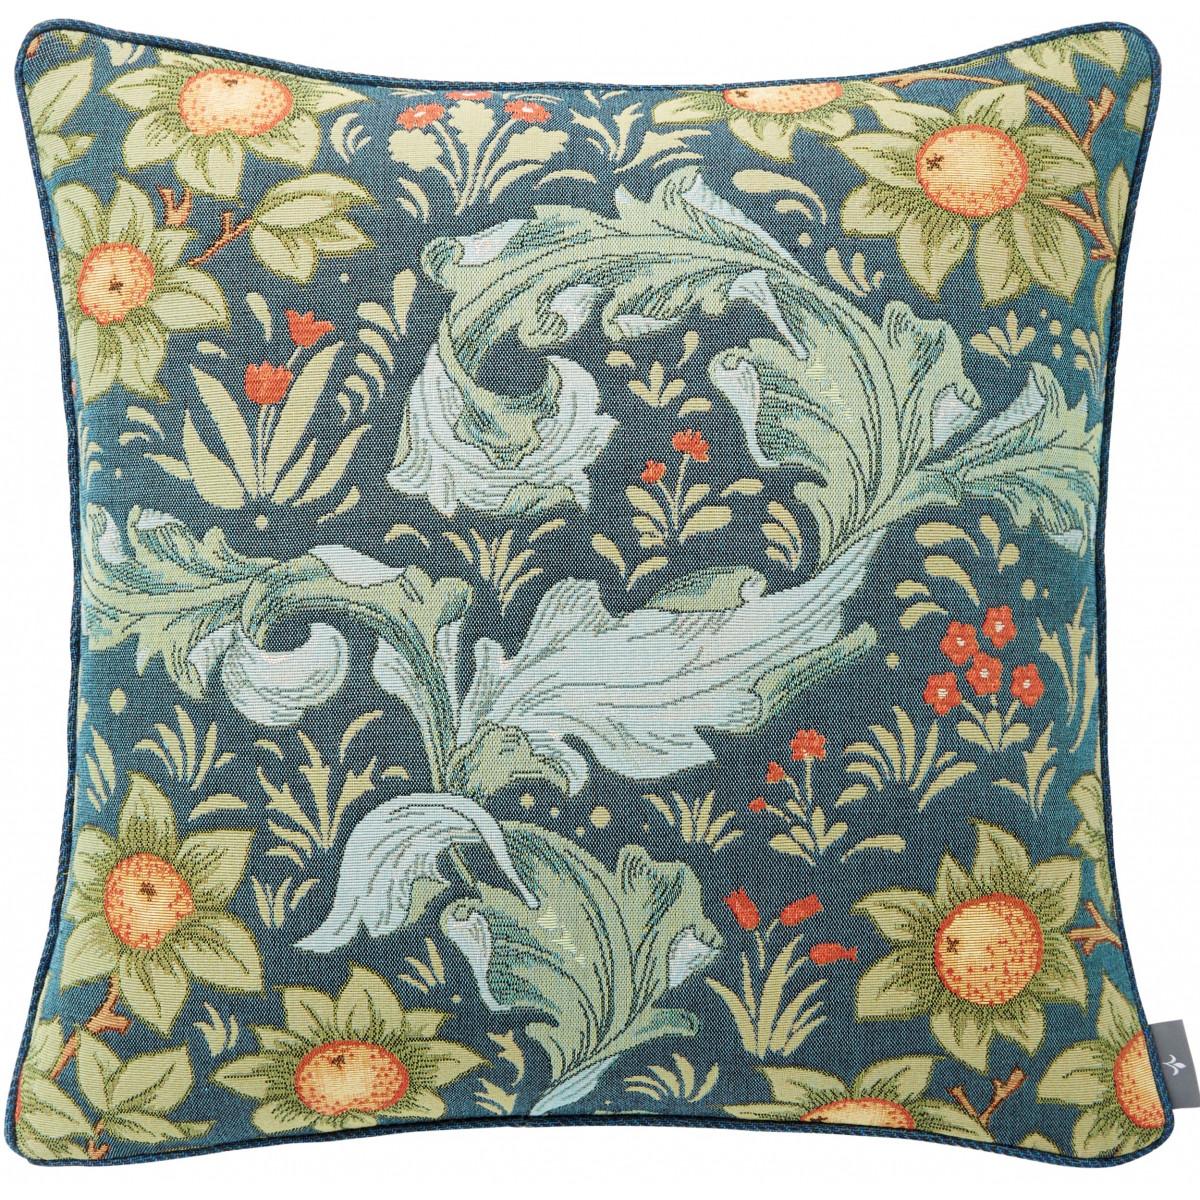 Coussin tapisserie oranger Bleu 50 x 50